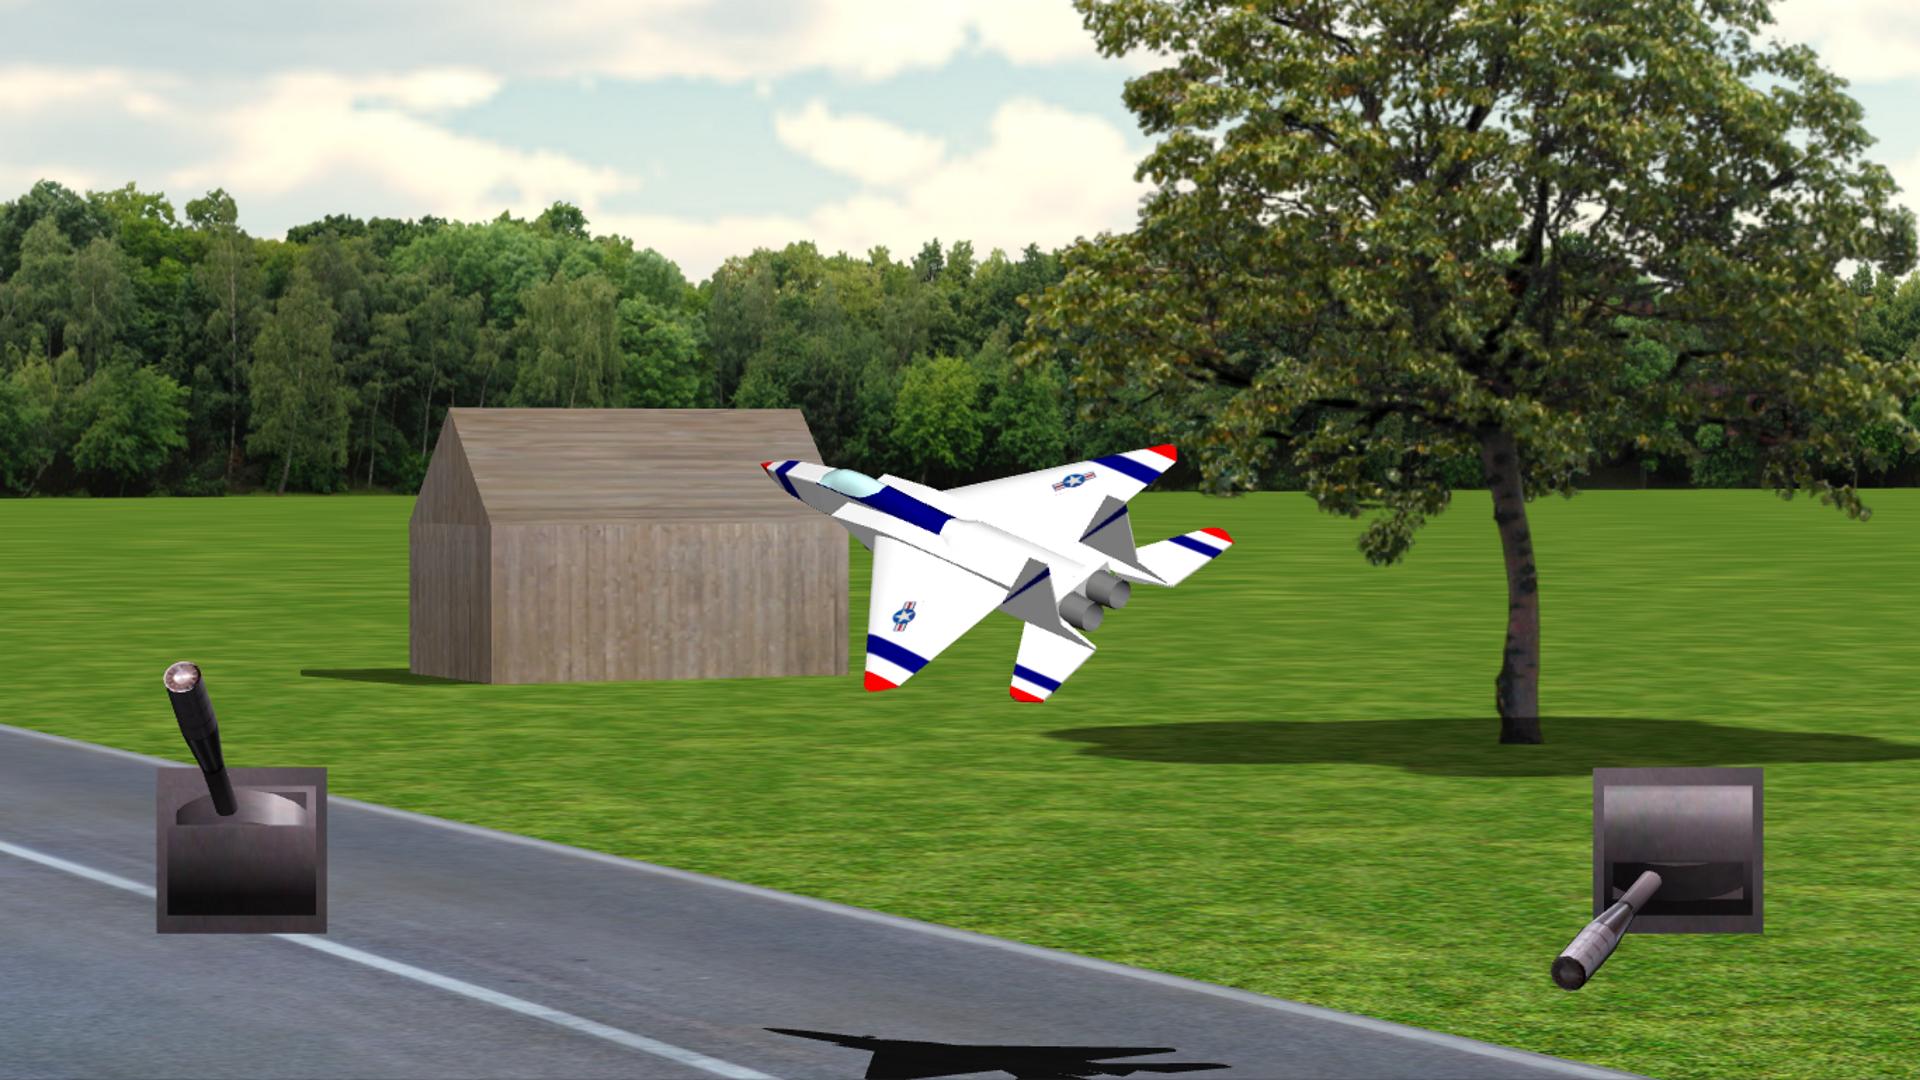 RC-AirSim - RC Model Airplane Flight Simulator screenshot 1